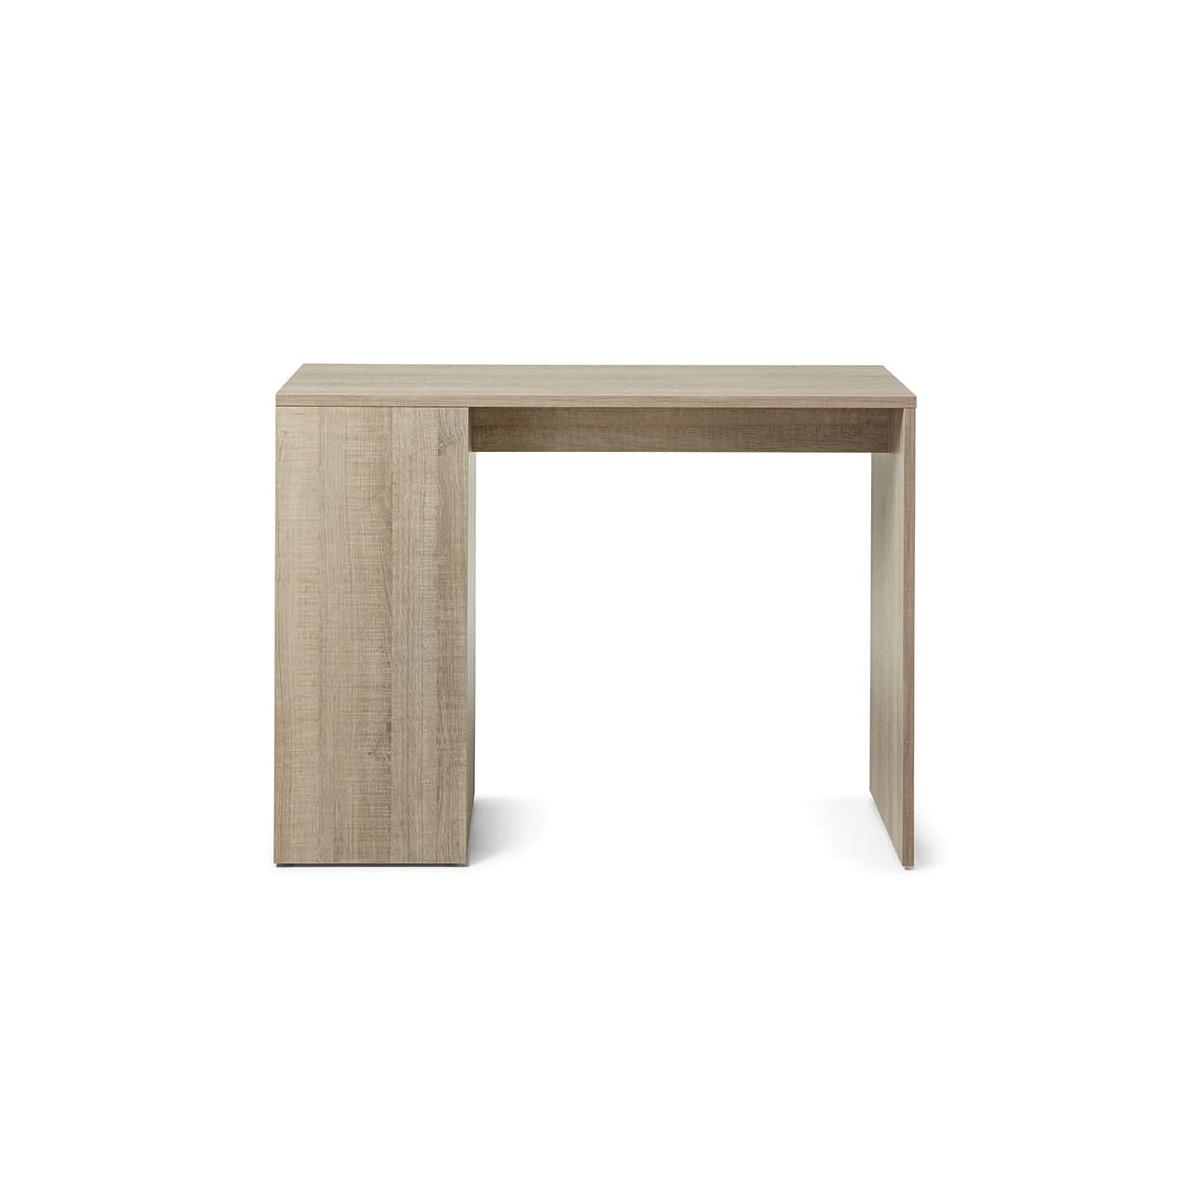 show mobicoiff bonnes affaires. Black Bedroom Furniture Sets. Home Design Ideas